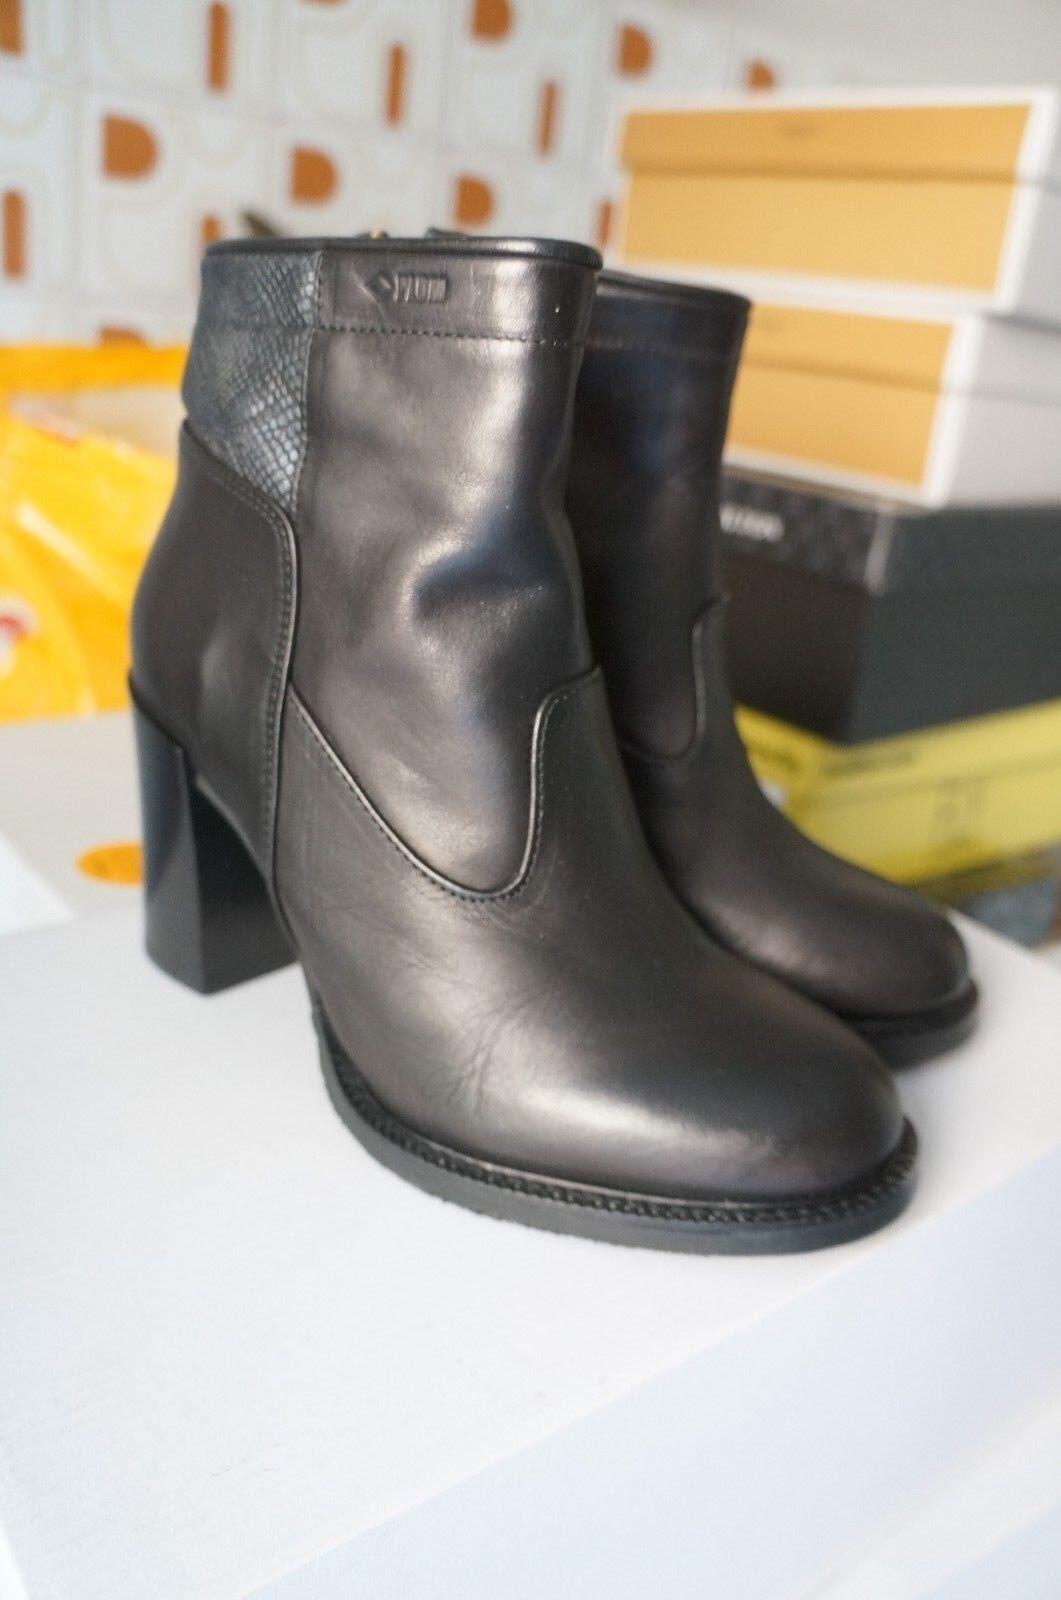 tienda de bajo costo PLDM by Palladium Holcomb Ibx -botas classici alla caviglia mujer mujer mujer , negro 37 EU  selección larga